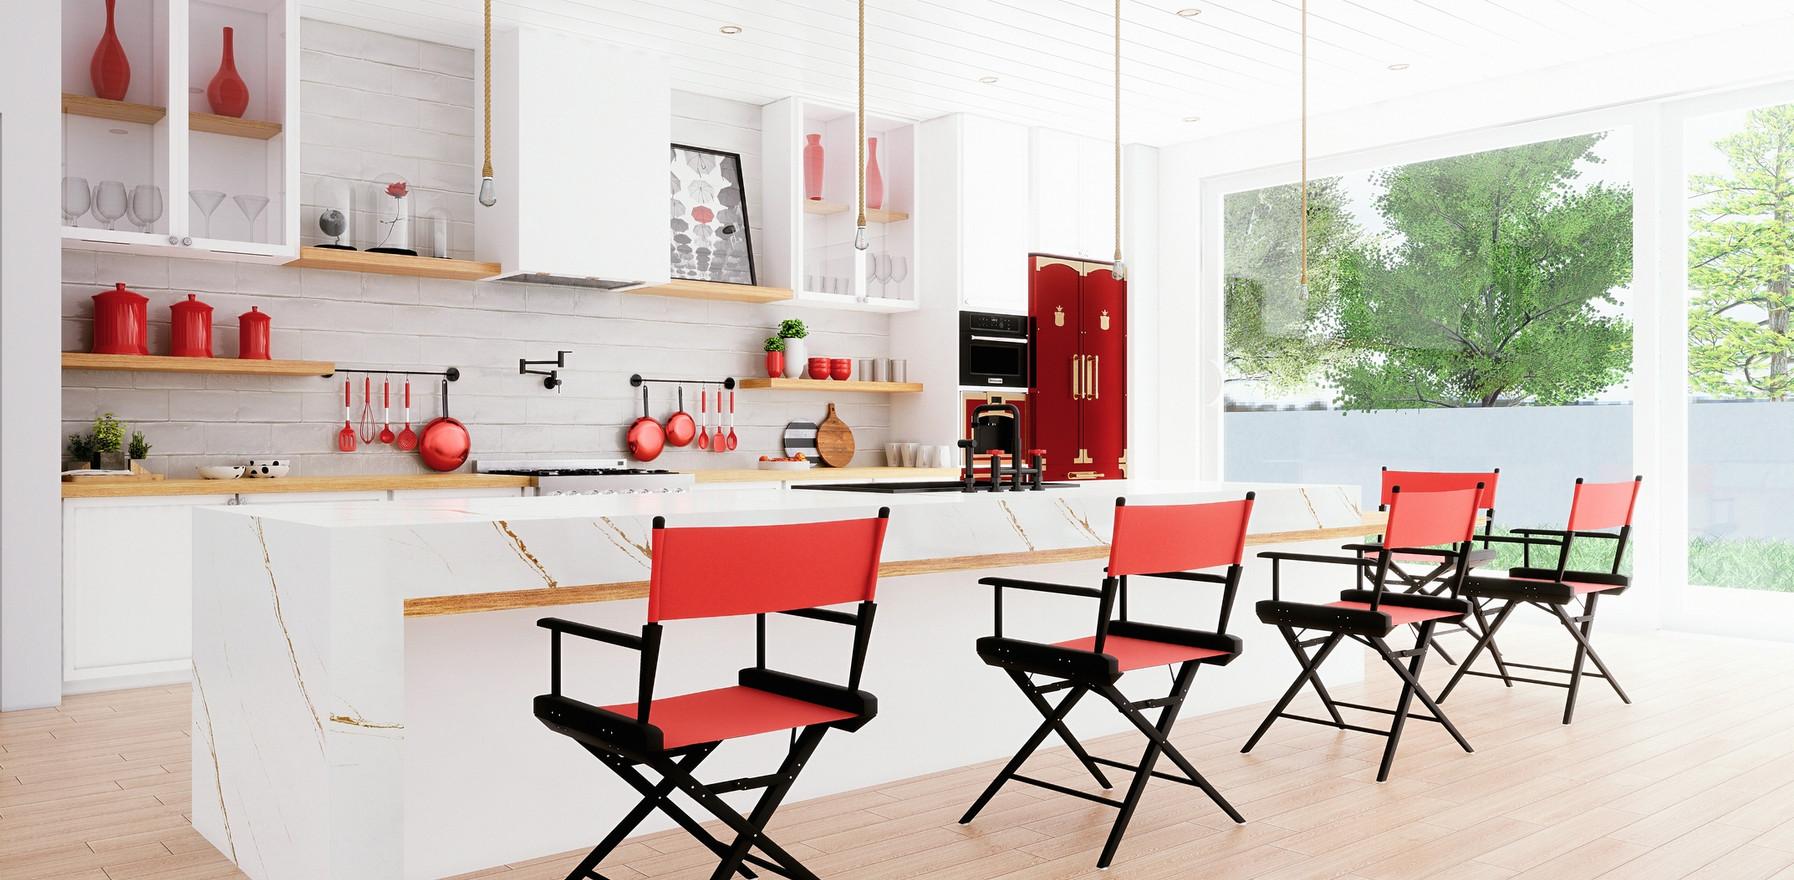 UE4 Archviz - Contemporary Kitchen Design B-Roll